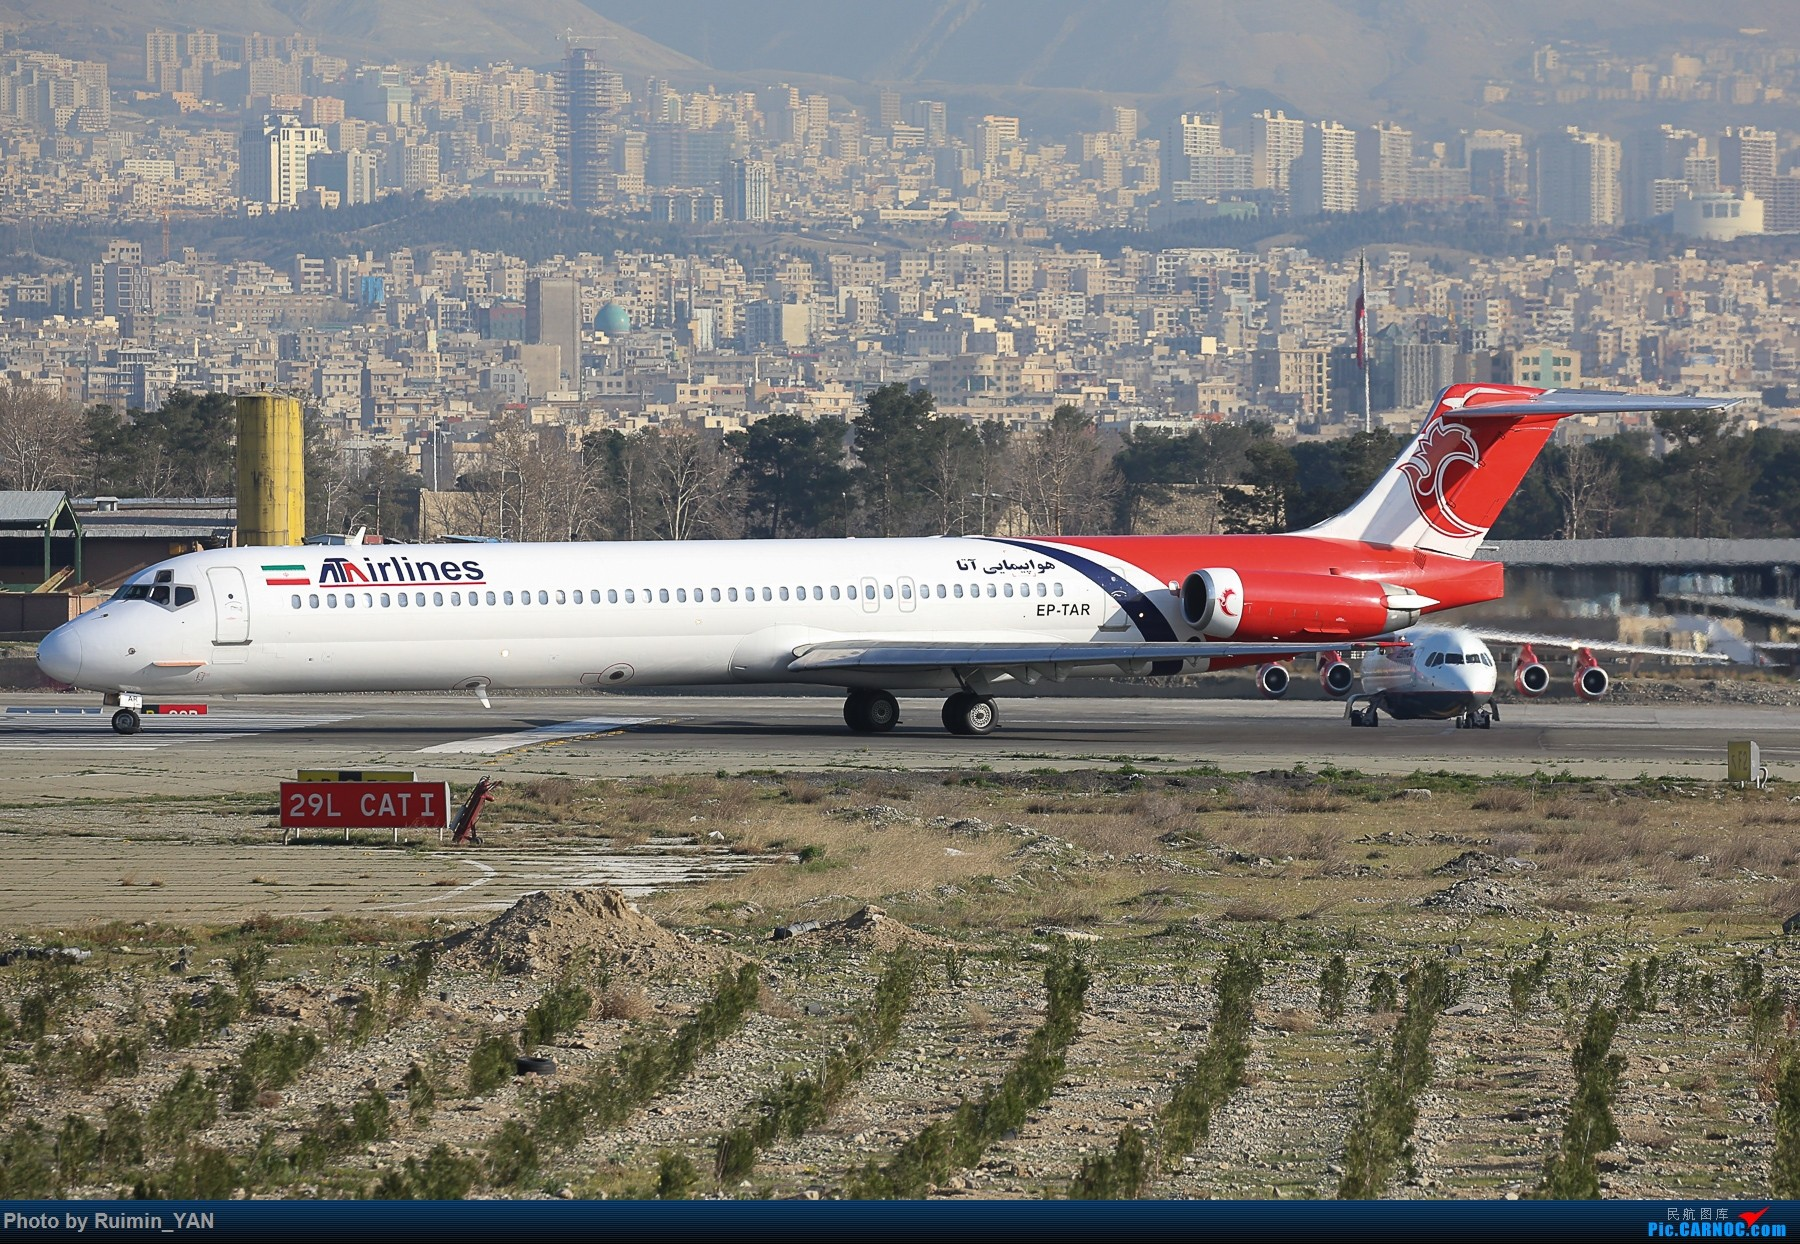 Re:[原创]【THR】(德黑兰梅赫拉巴德机场)伊朗ATA航空(ATA Airlines,I3)--A320,MD83 MD MD-80-83 EP-TAR 德黑兰梅赫拉巴德国际机场